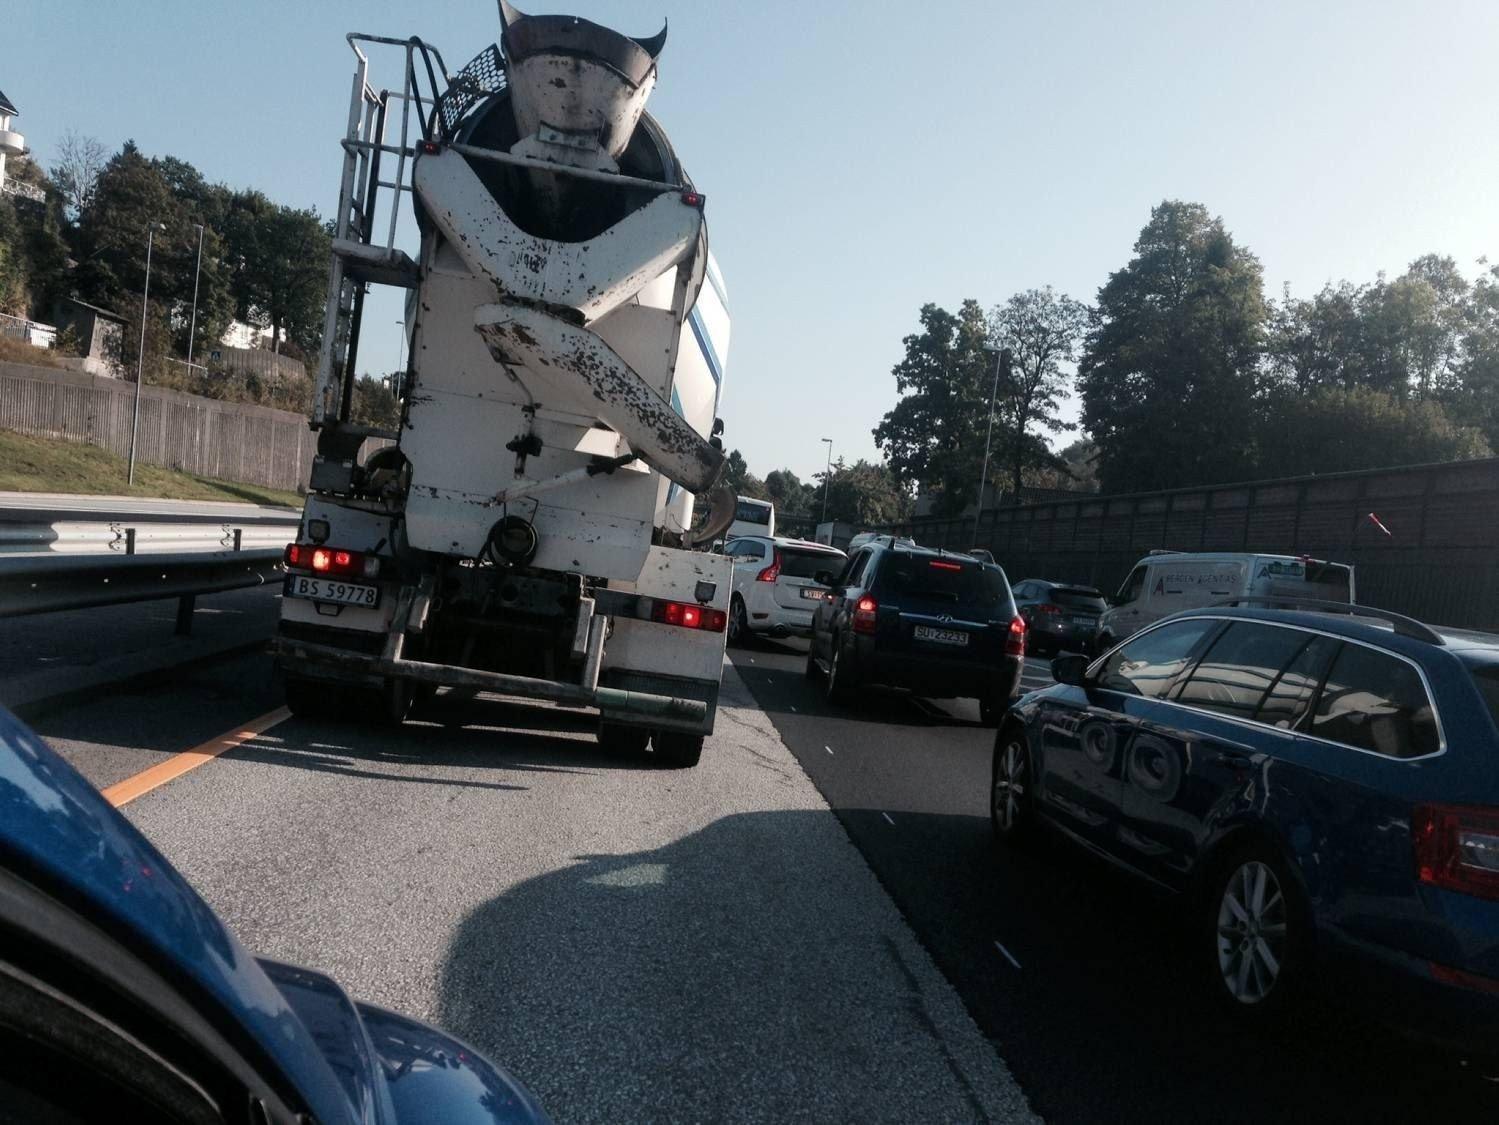 Det har tettet seg til på Fritz C. Riebers vei fredag ettermiddag. Veitrafikksentralen har ikke fått melding om at det har vært noen hendelser i trafikken som kan ha forårsaket køen.